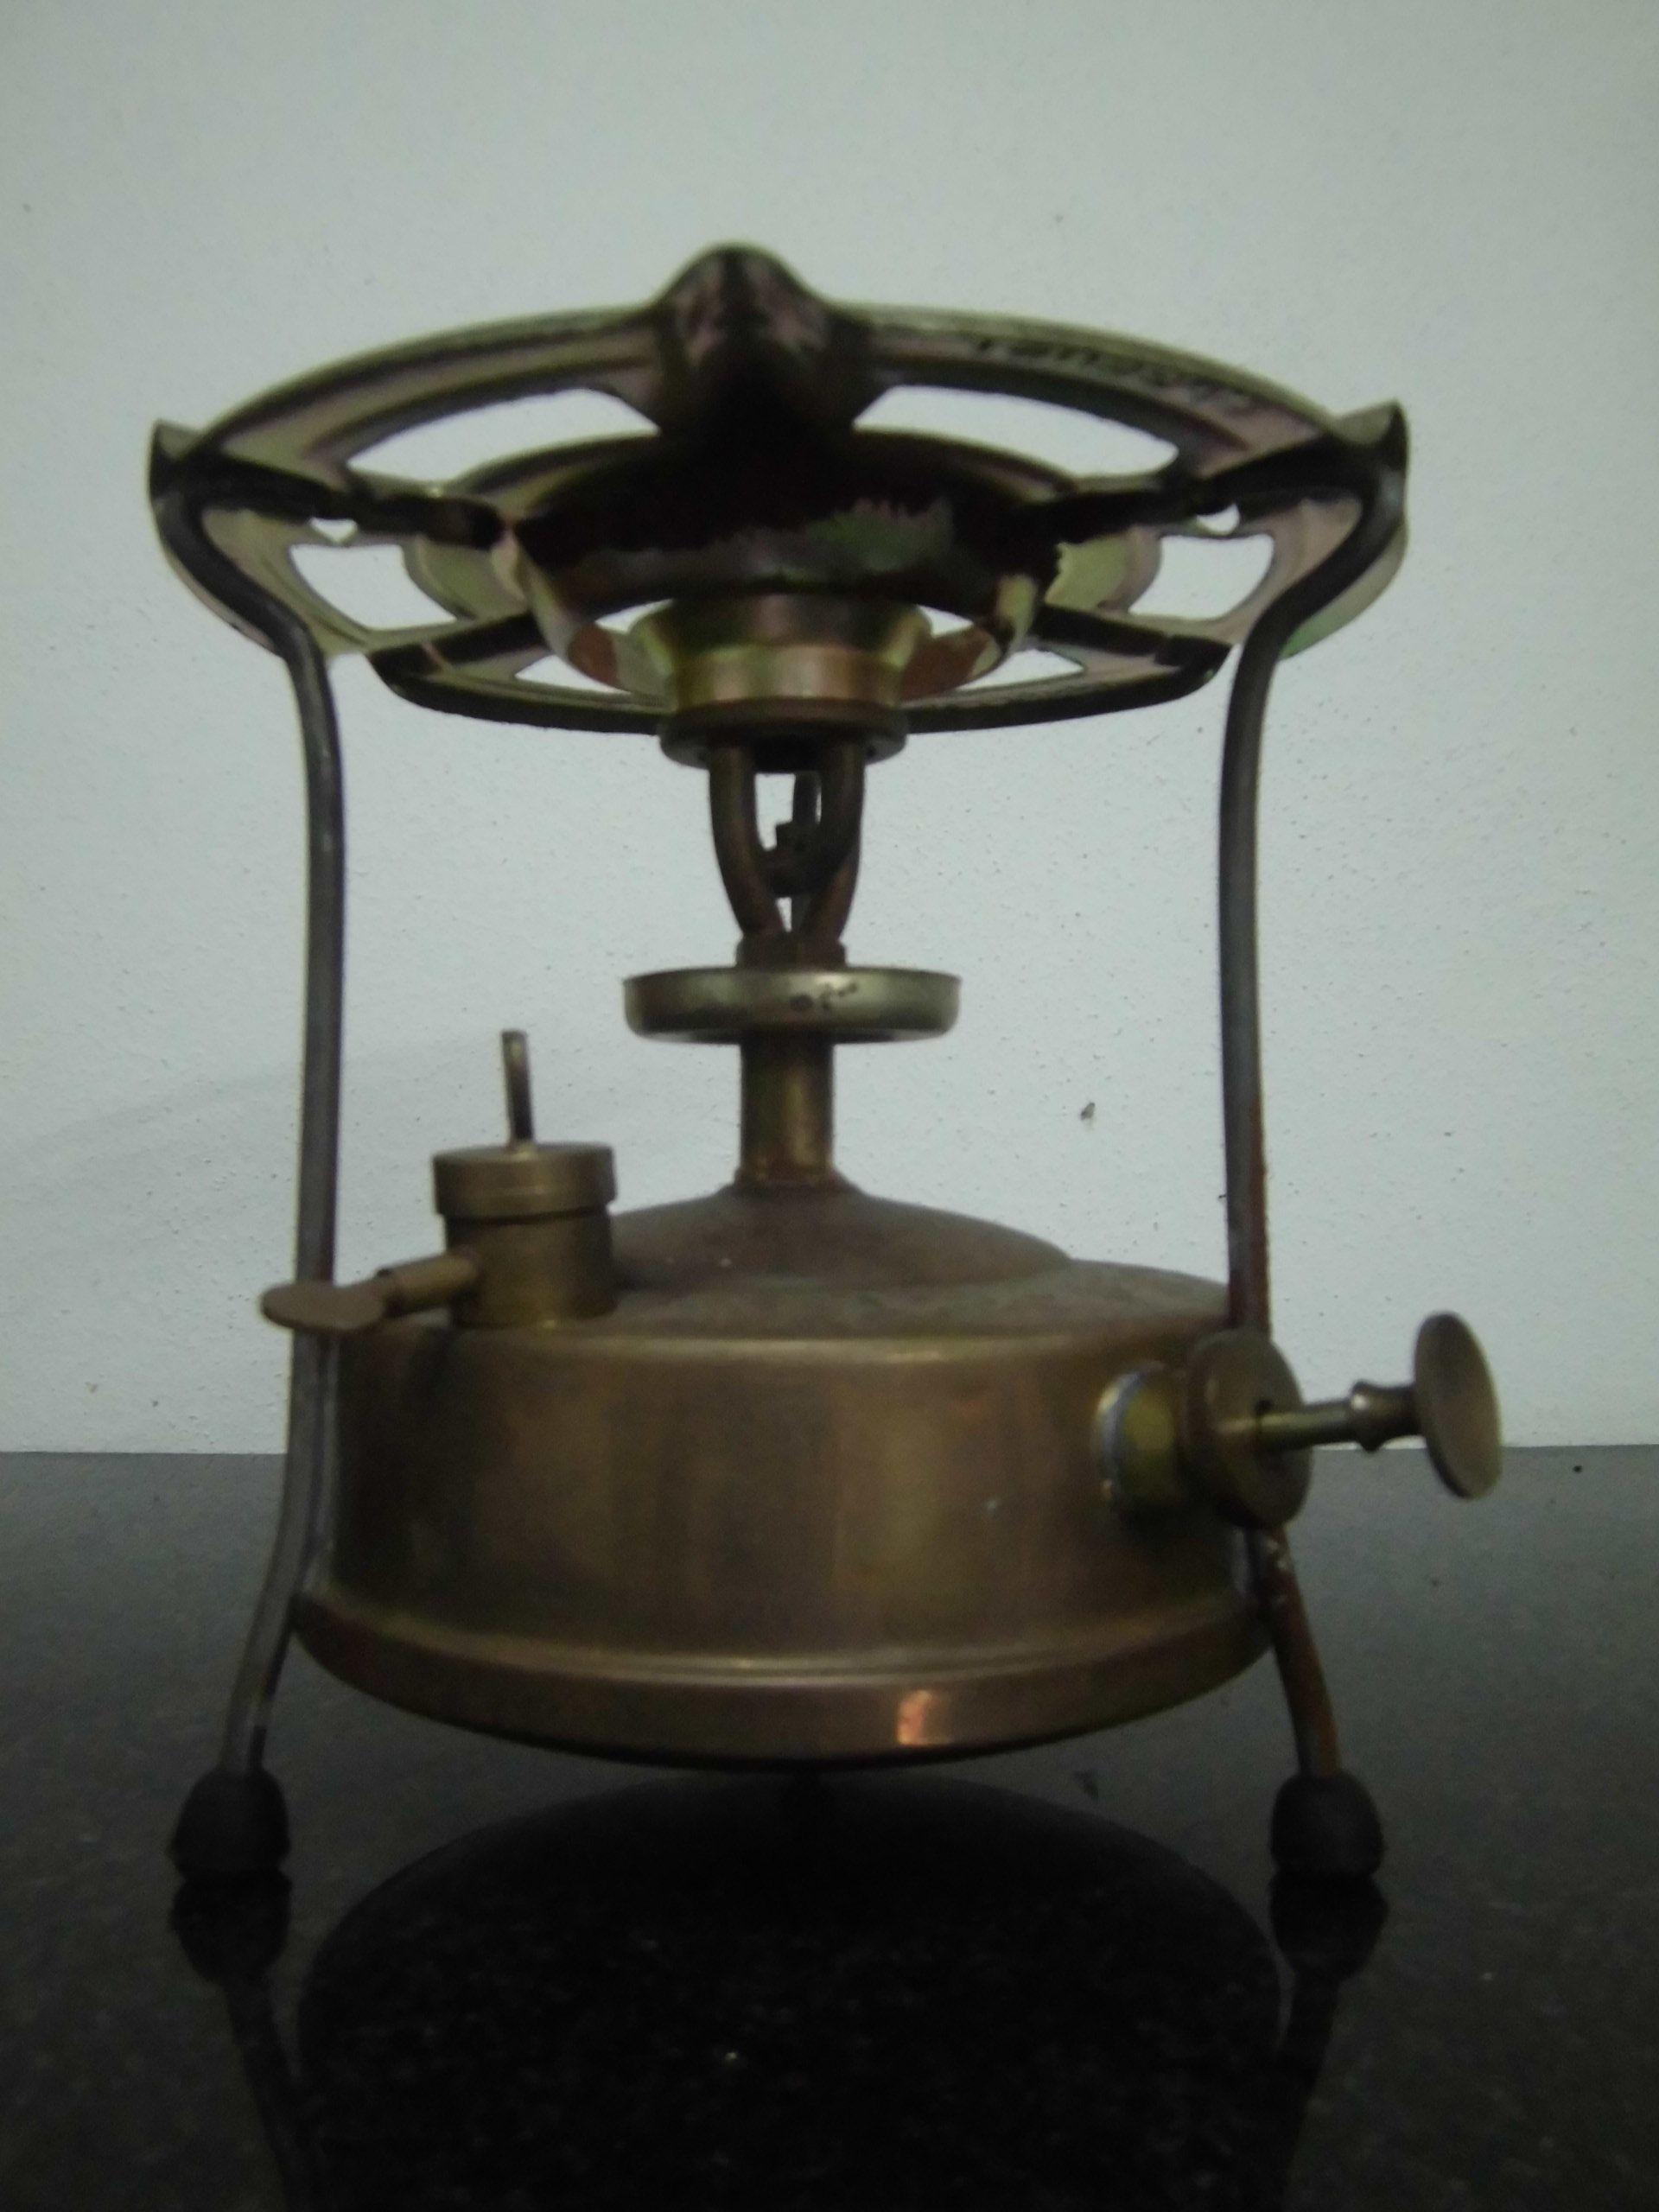 Maquina De Petroleo Muito Antiga Usada Para Cozinhar Os Alimentos